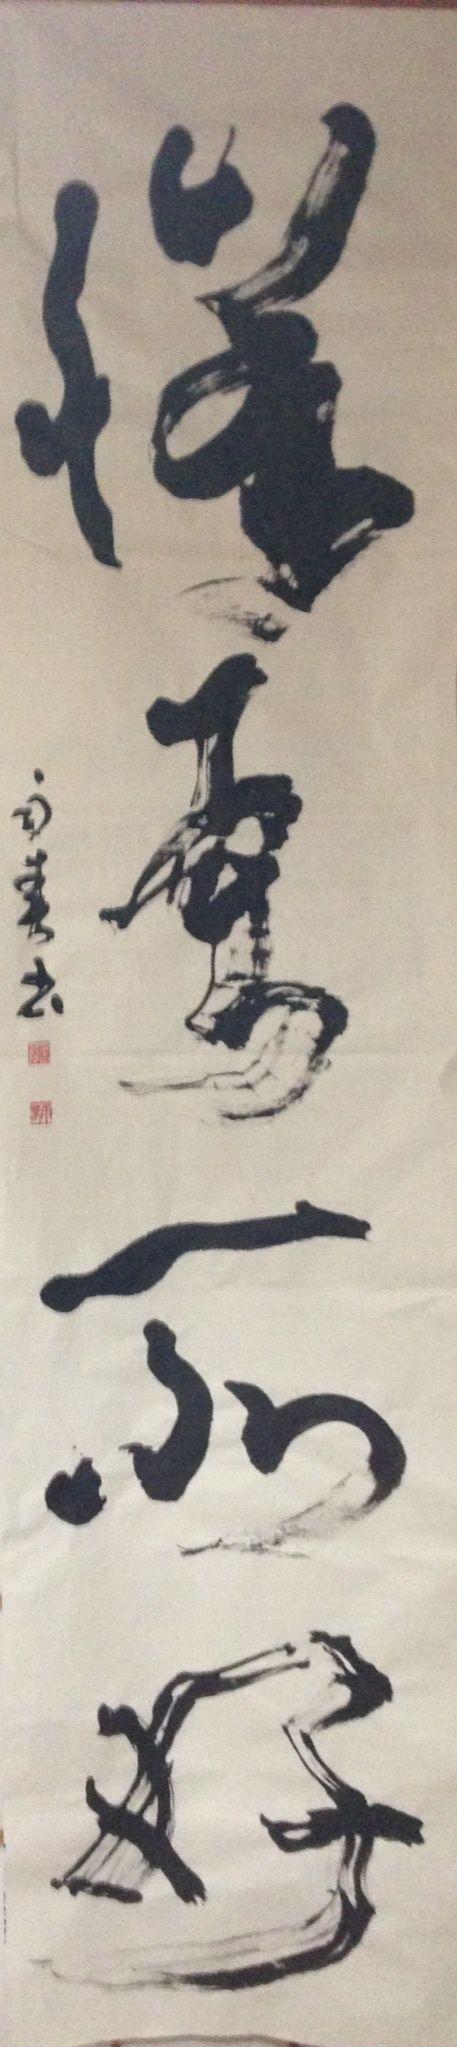 ... 道展出品作品〆切日 : 雨春書院